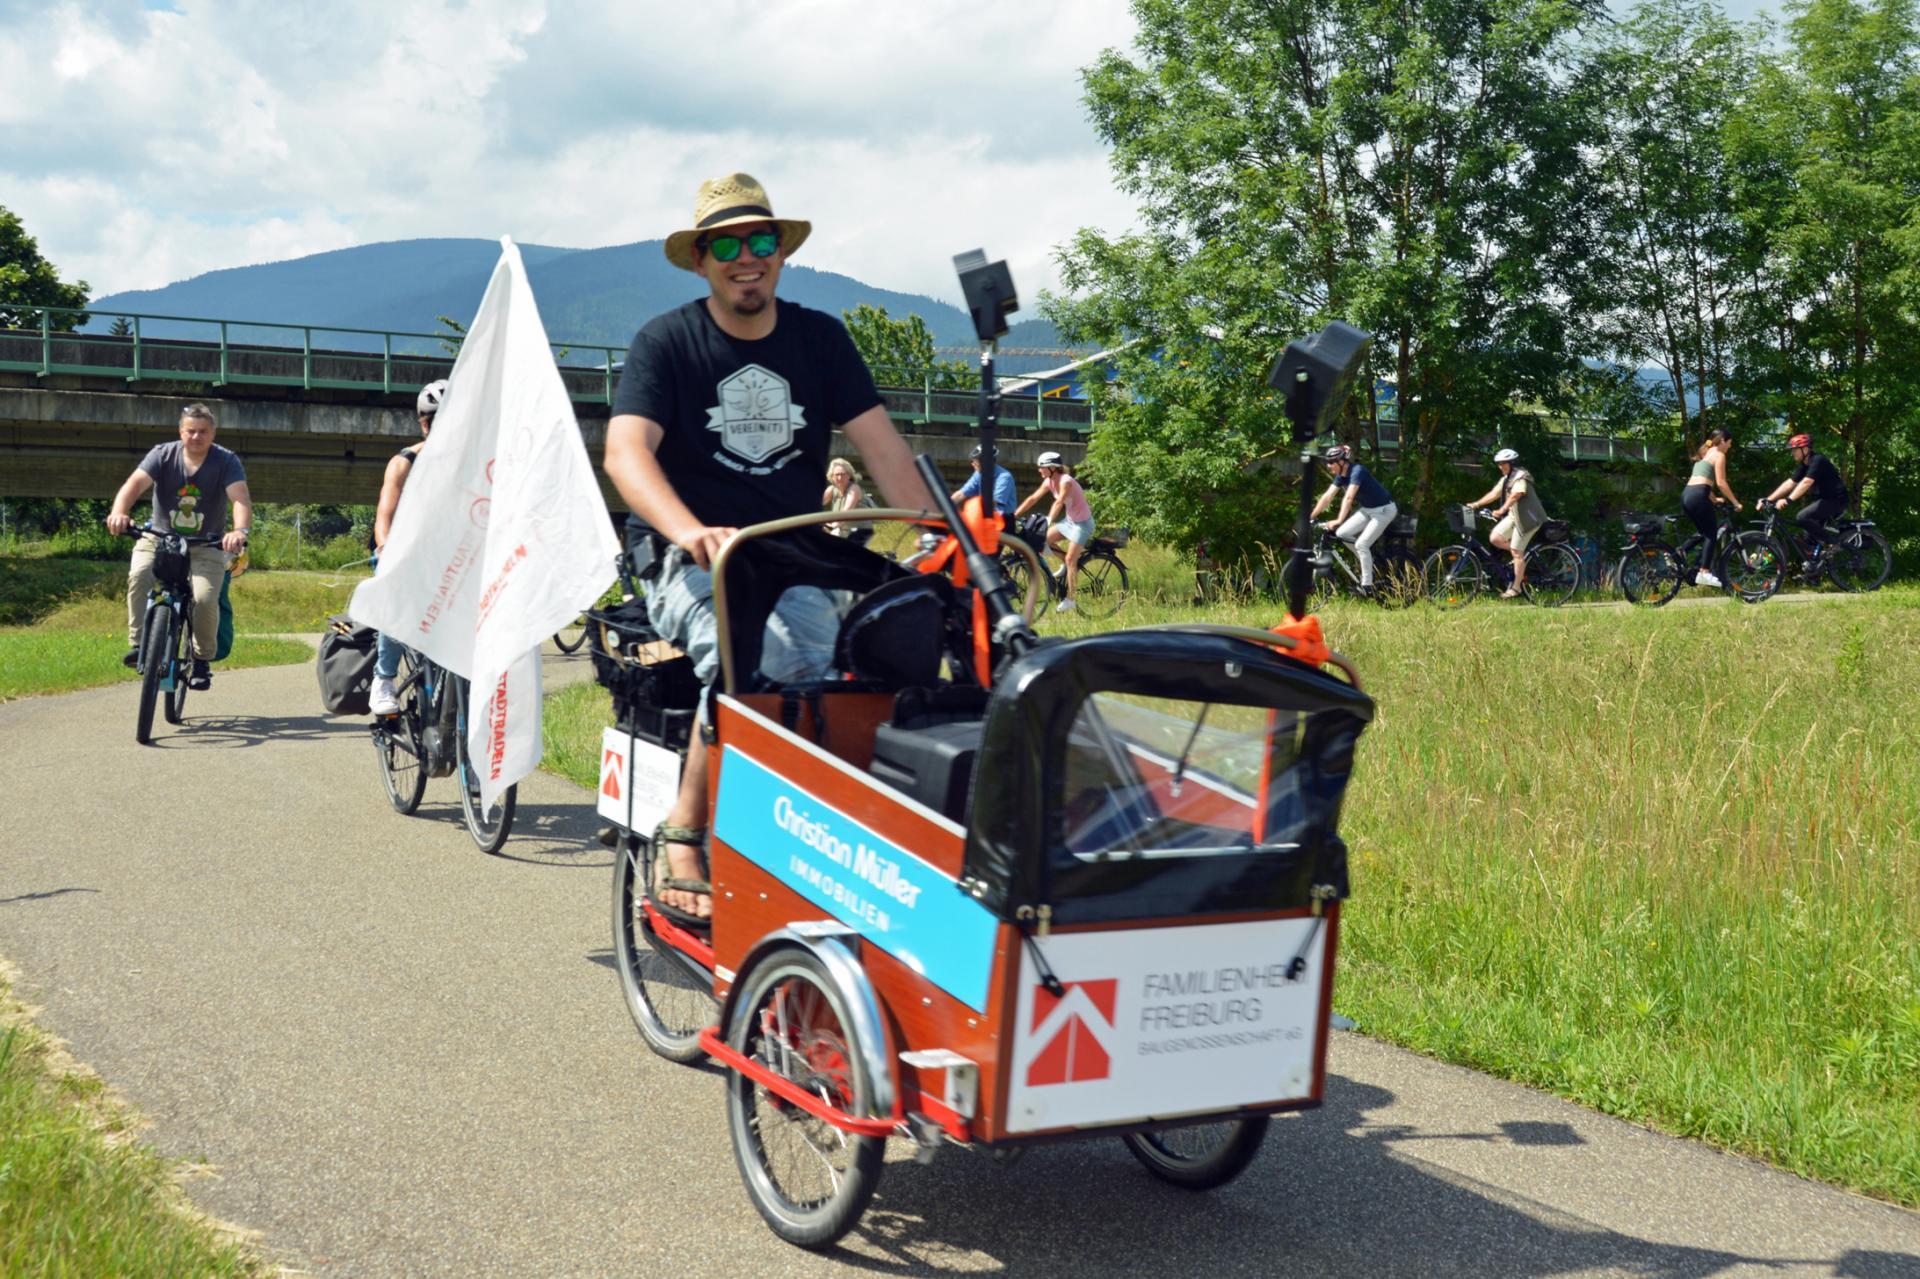 Das Stegener Lastenrad in Aktion - Foto Gerd Lück